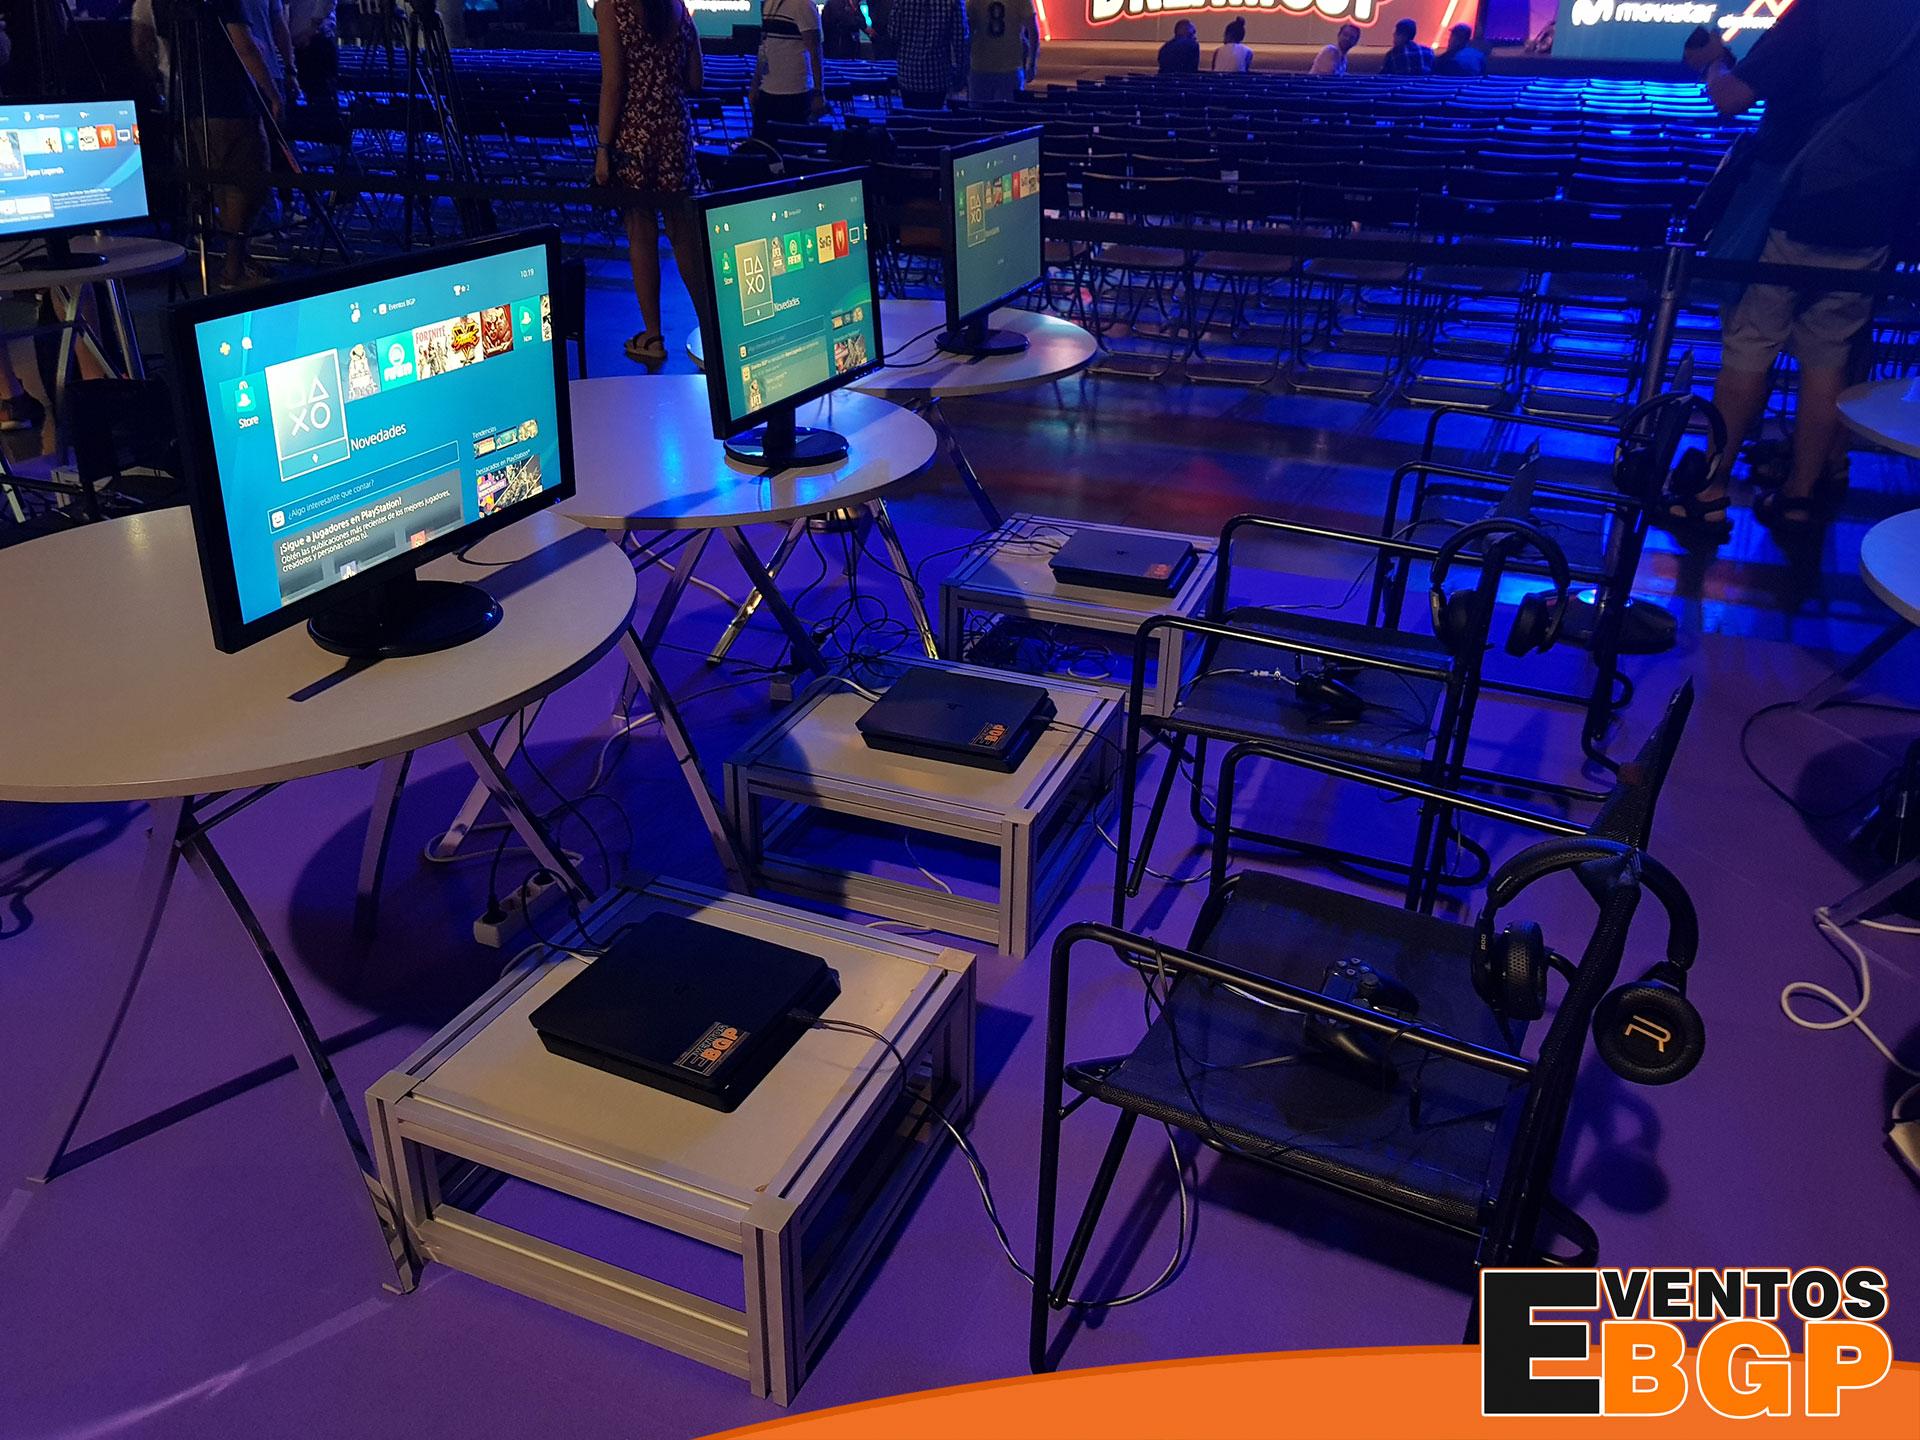 Consolas PS4 en una actividad con videojuegos